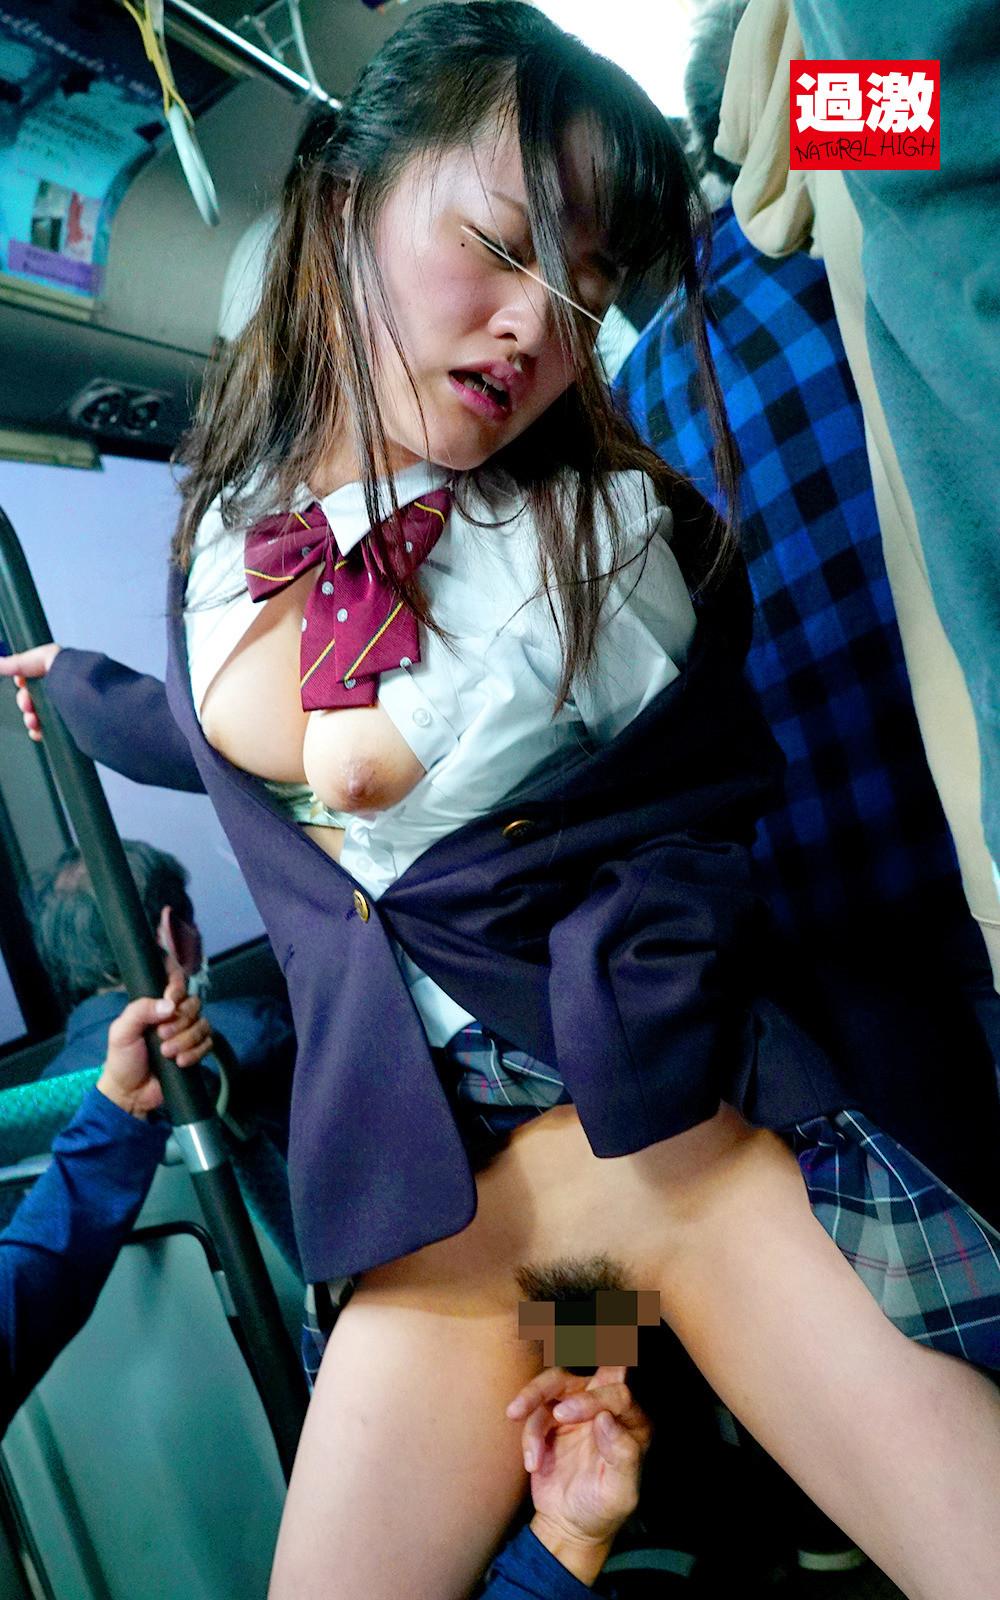 満員バスで背後から制服越しにねっとり乳揉み痴漢され腰をクネらせ感じまくる巨乳女子○生 10 画像13